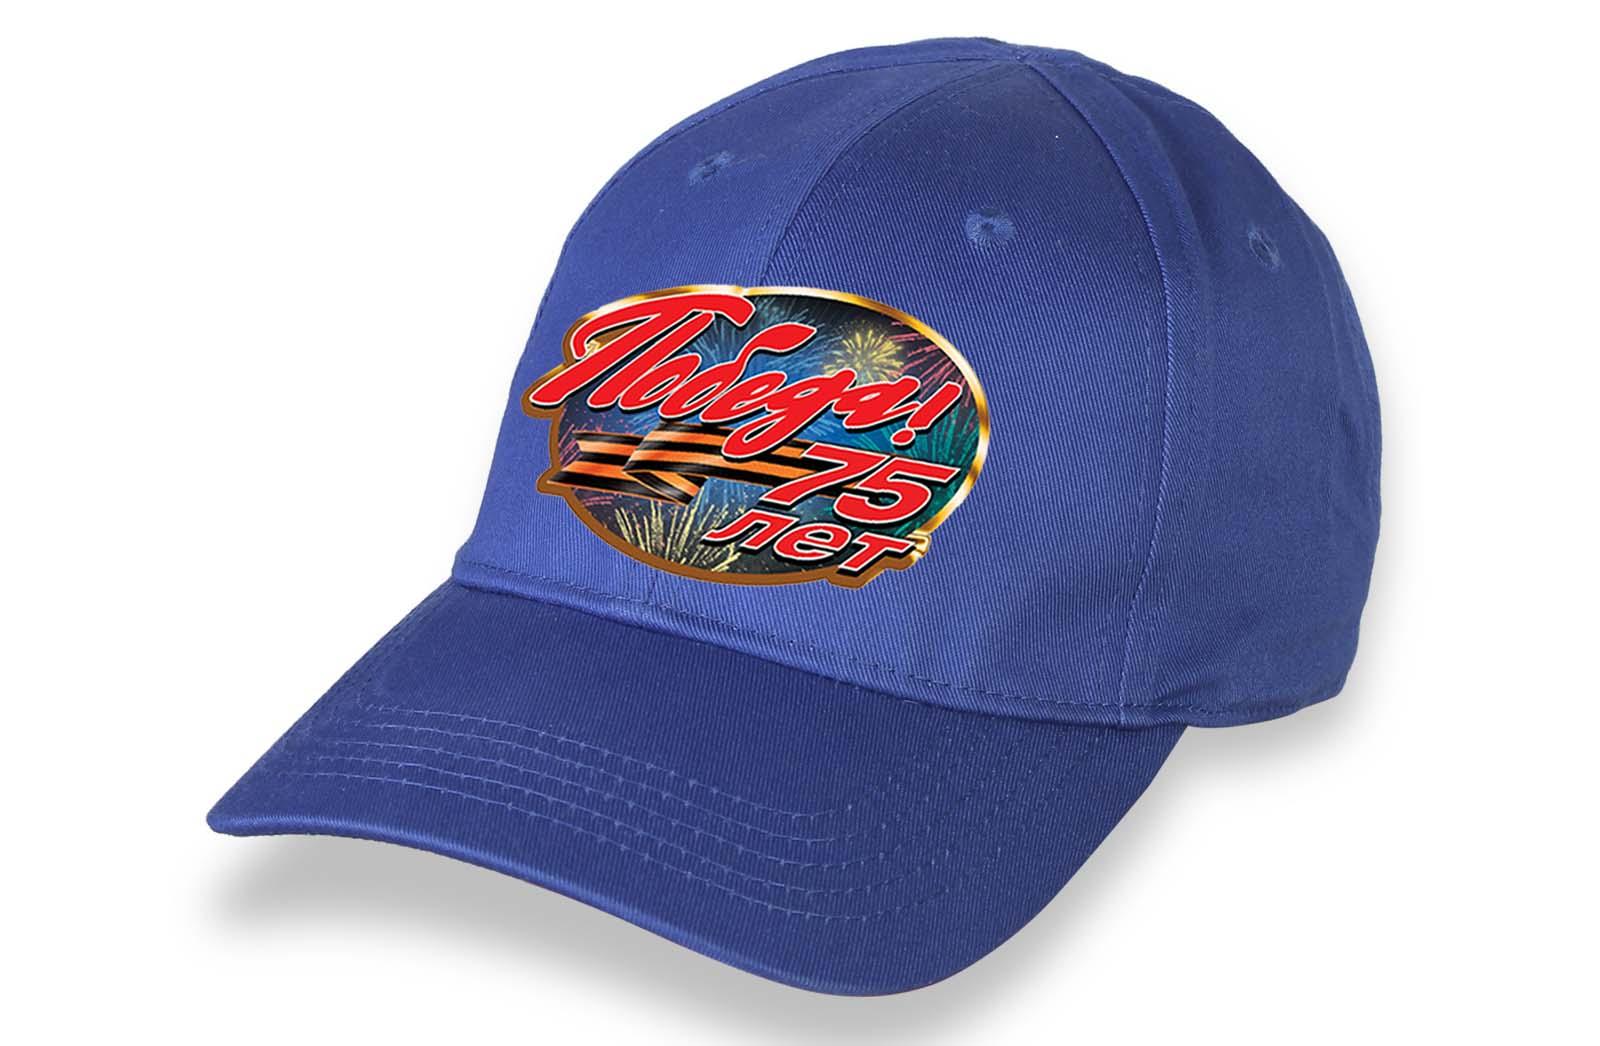 Синяя кепка для массовых мероприятий на День Победы